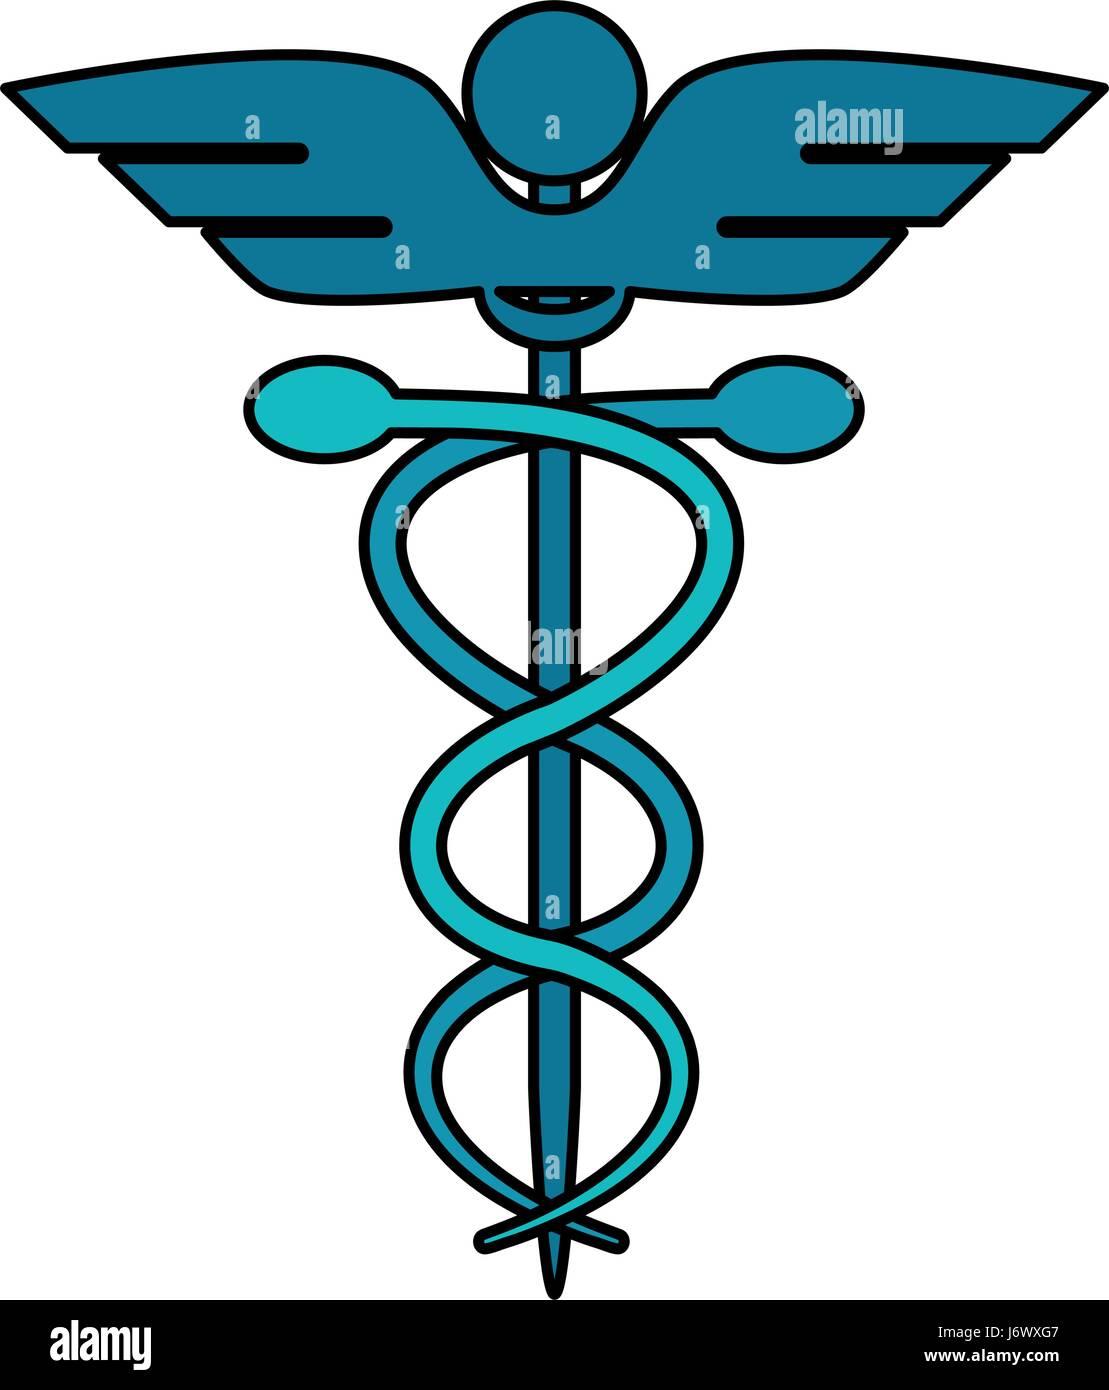 Color De Dibujos Animados Imagen Símbolo De Salud Con